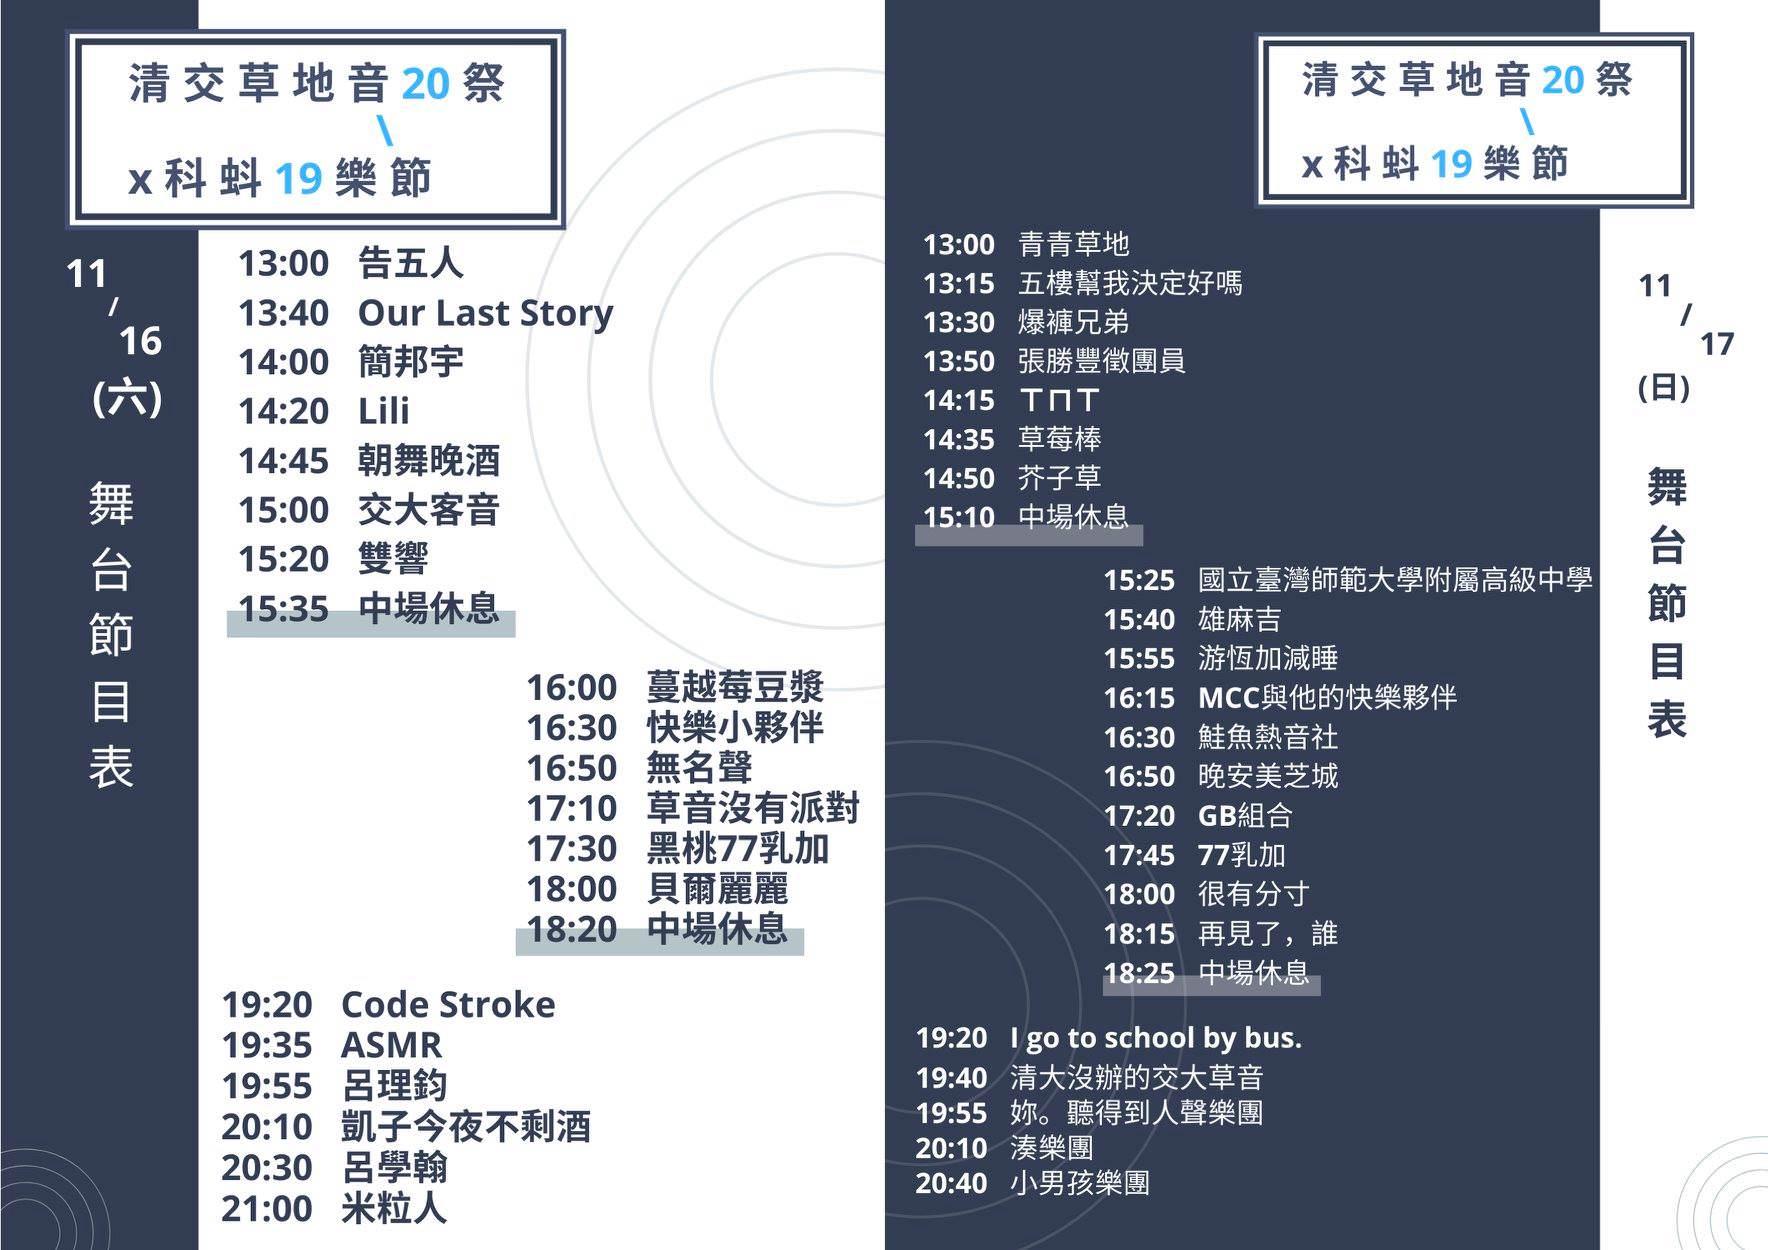 清交草地音樂祭交大場X科蚪音樂節,雙舞台連續嗨兩天!歌手卡司表演、美食與文創音樂市集